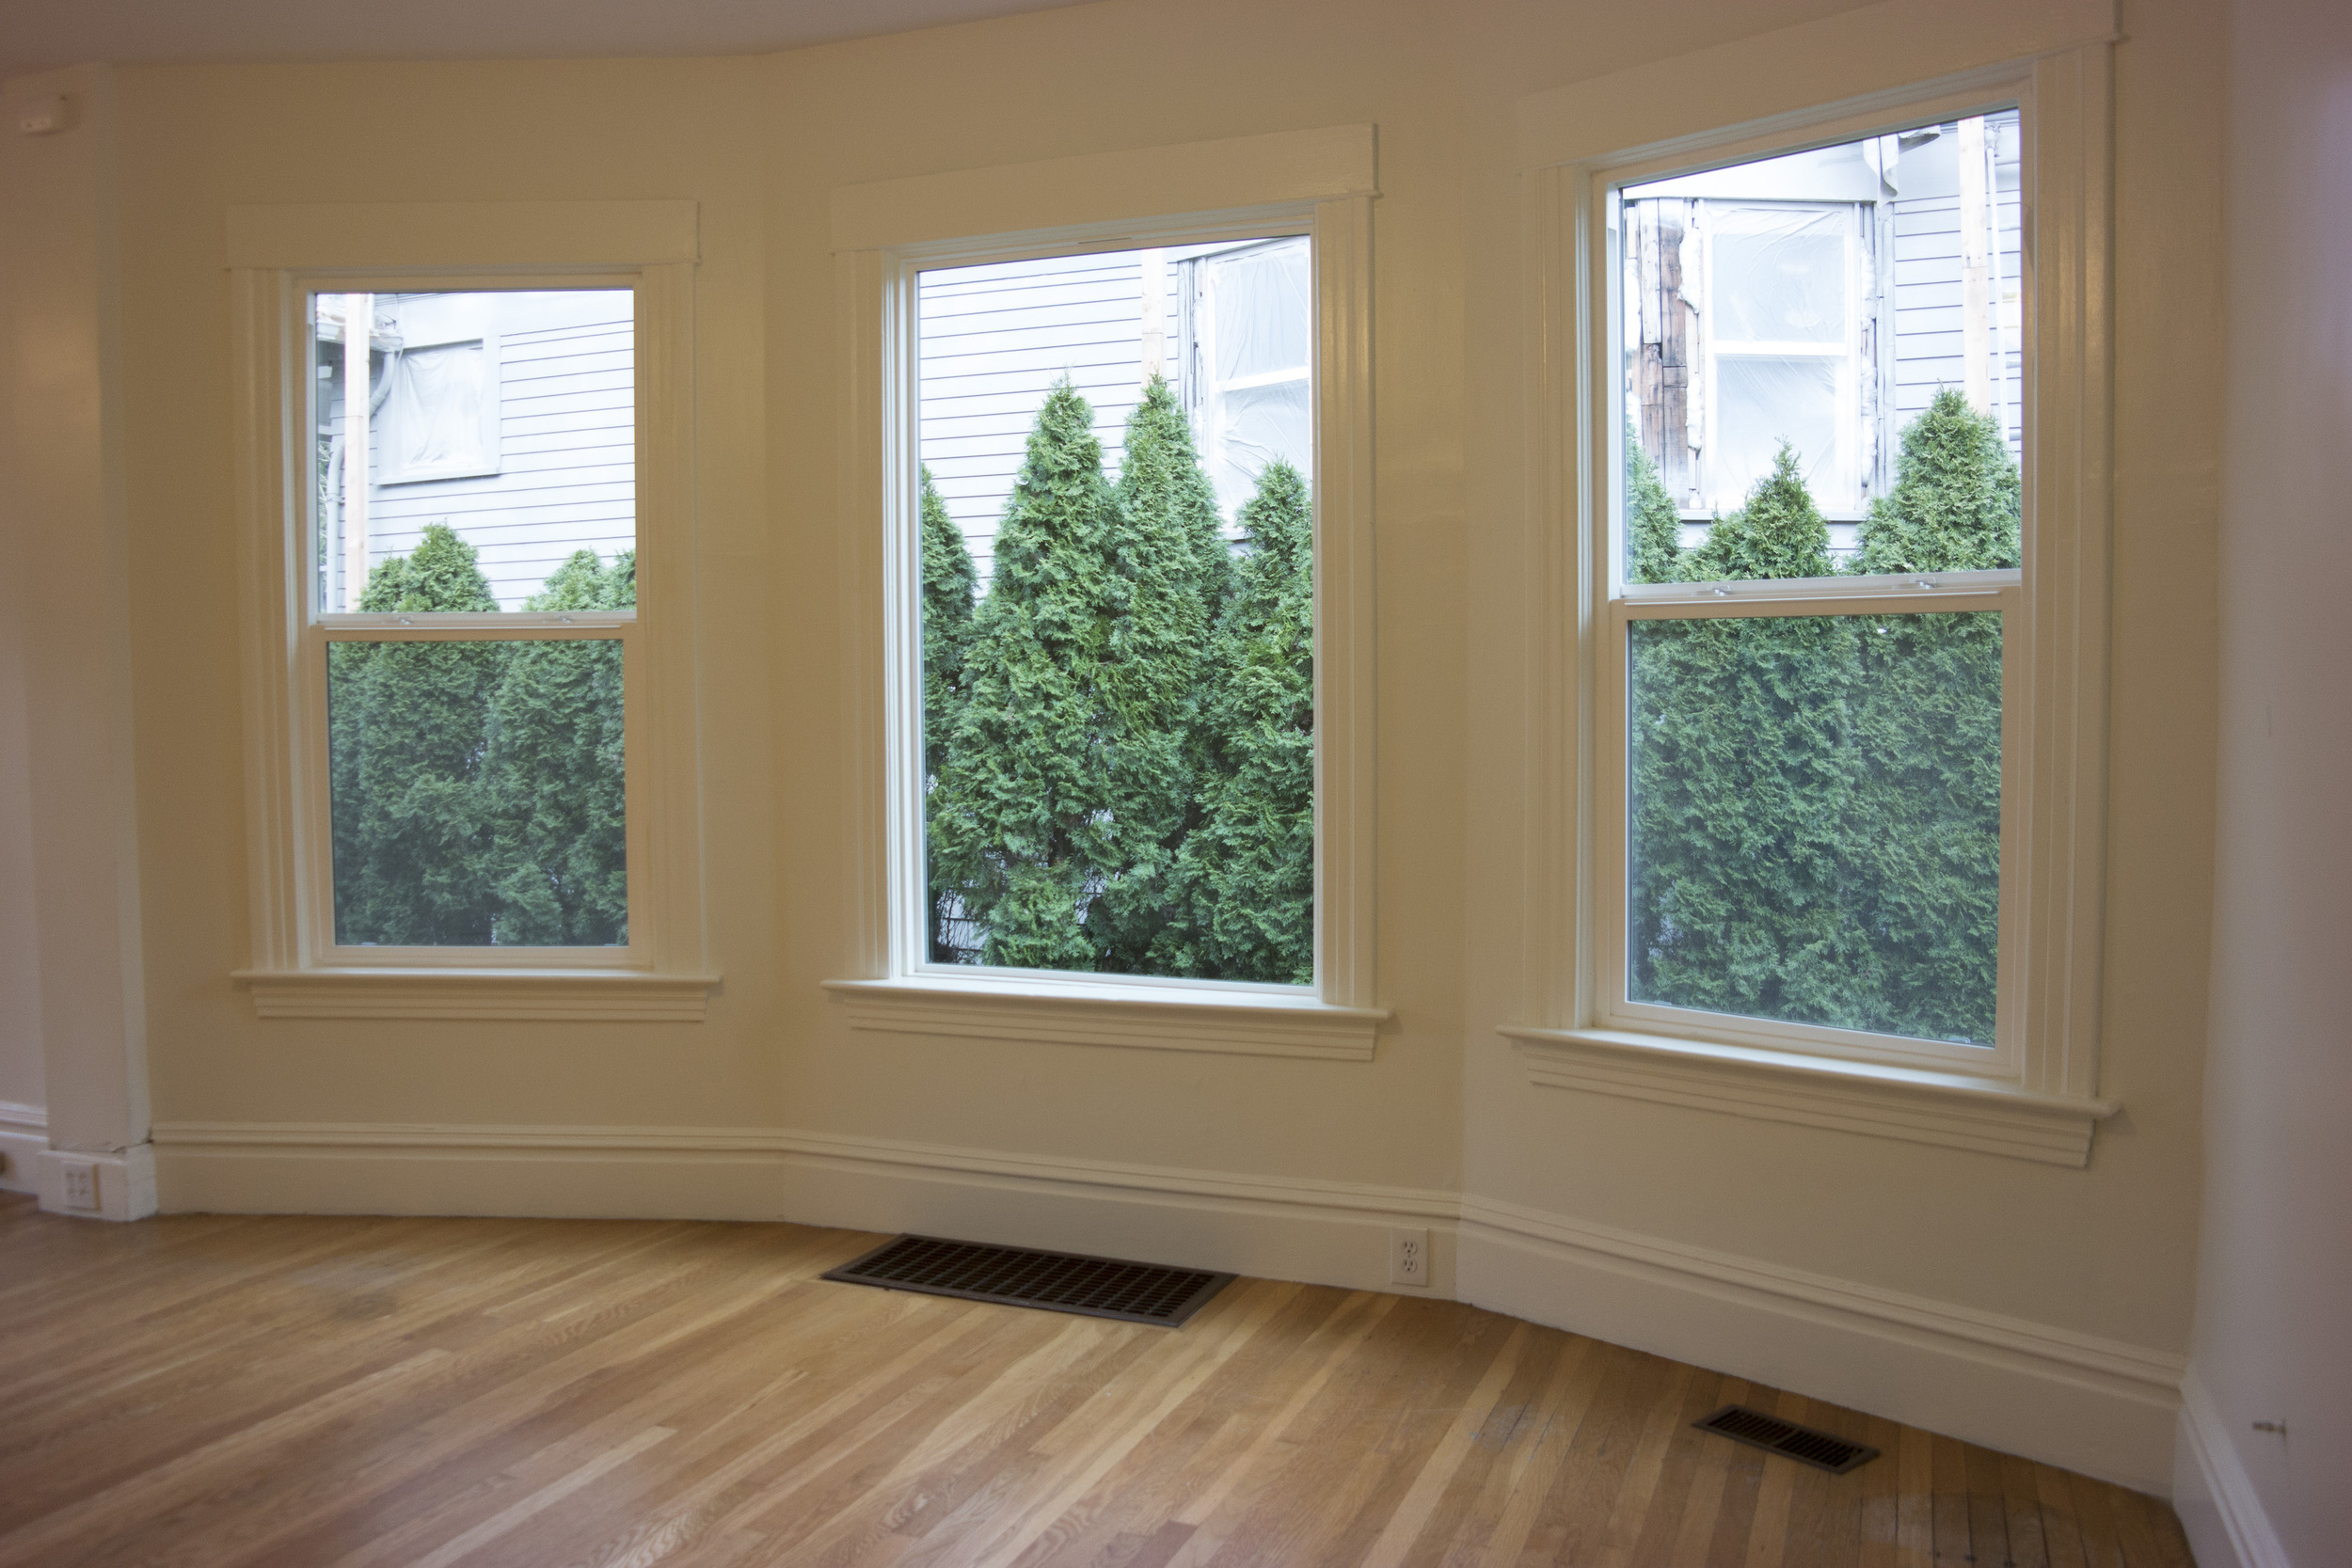 08-Livingroom3.jpg